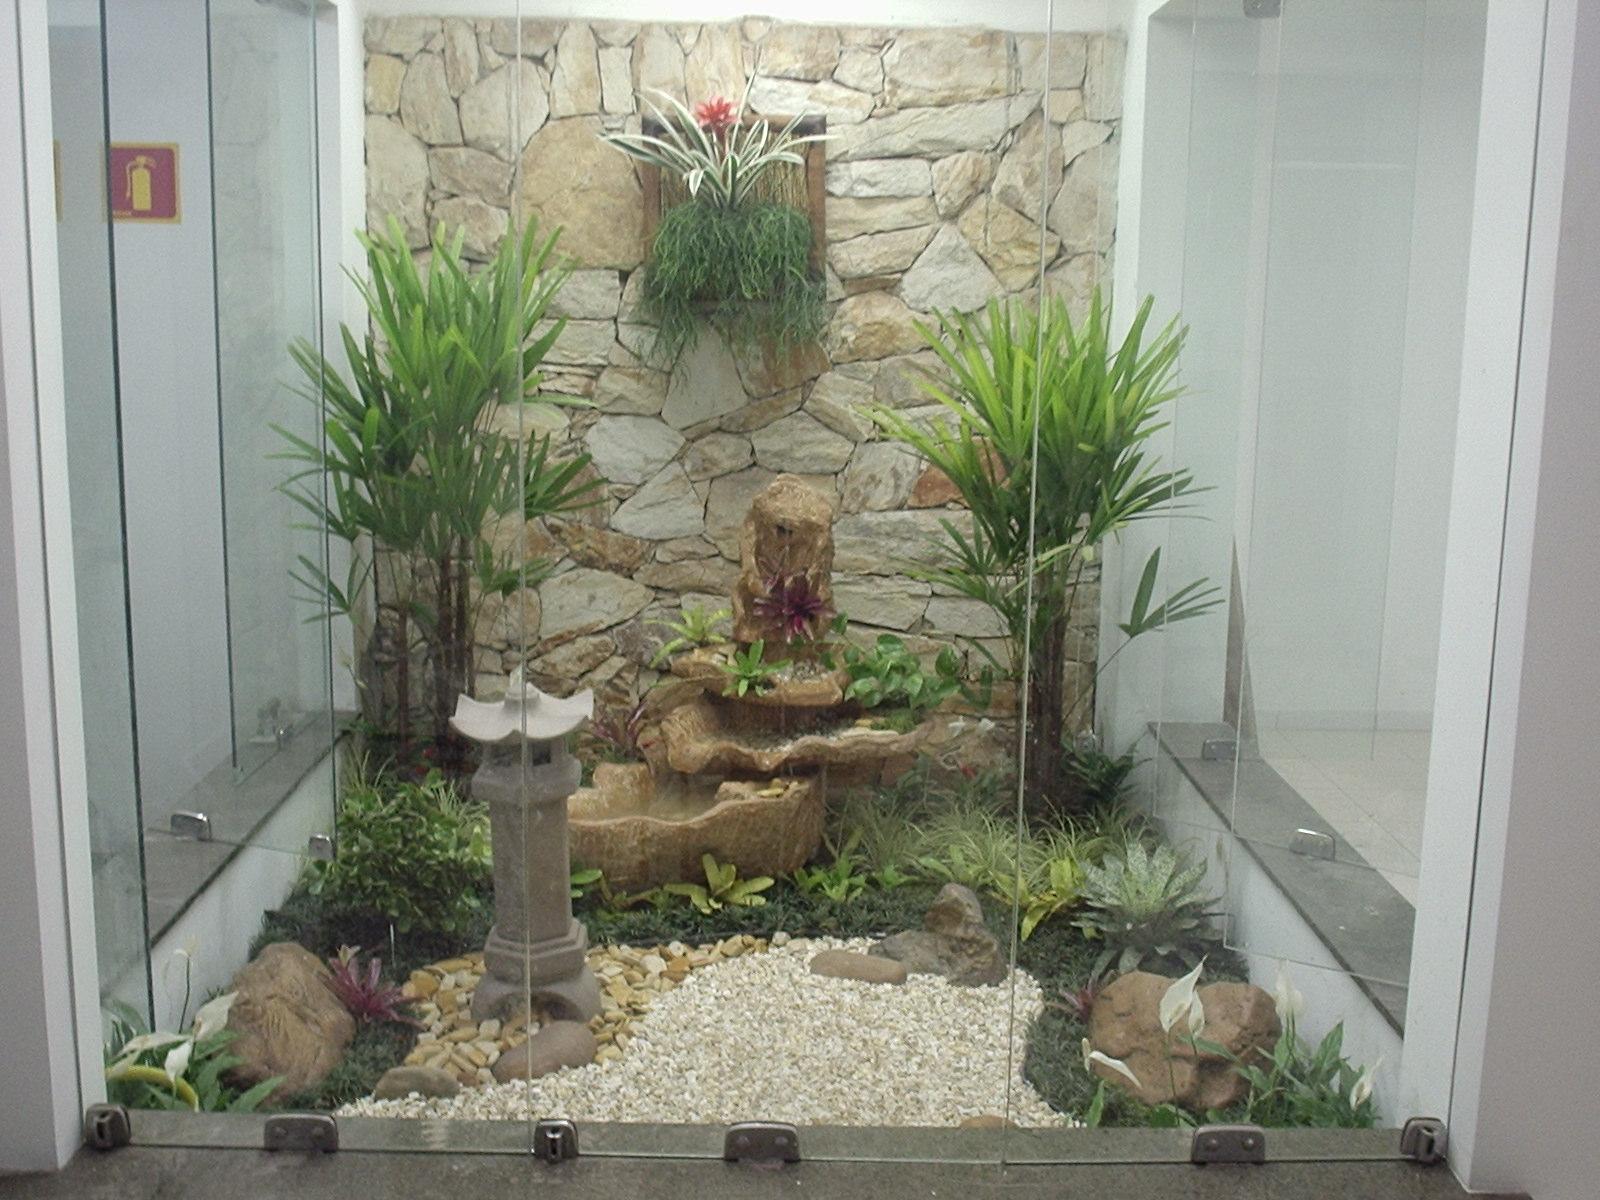 pedras jardins pequenos : pedras jardins pequenos:Jardim De Inverno